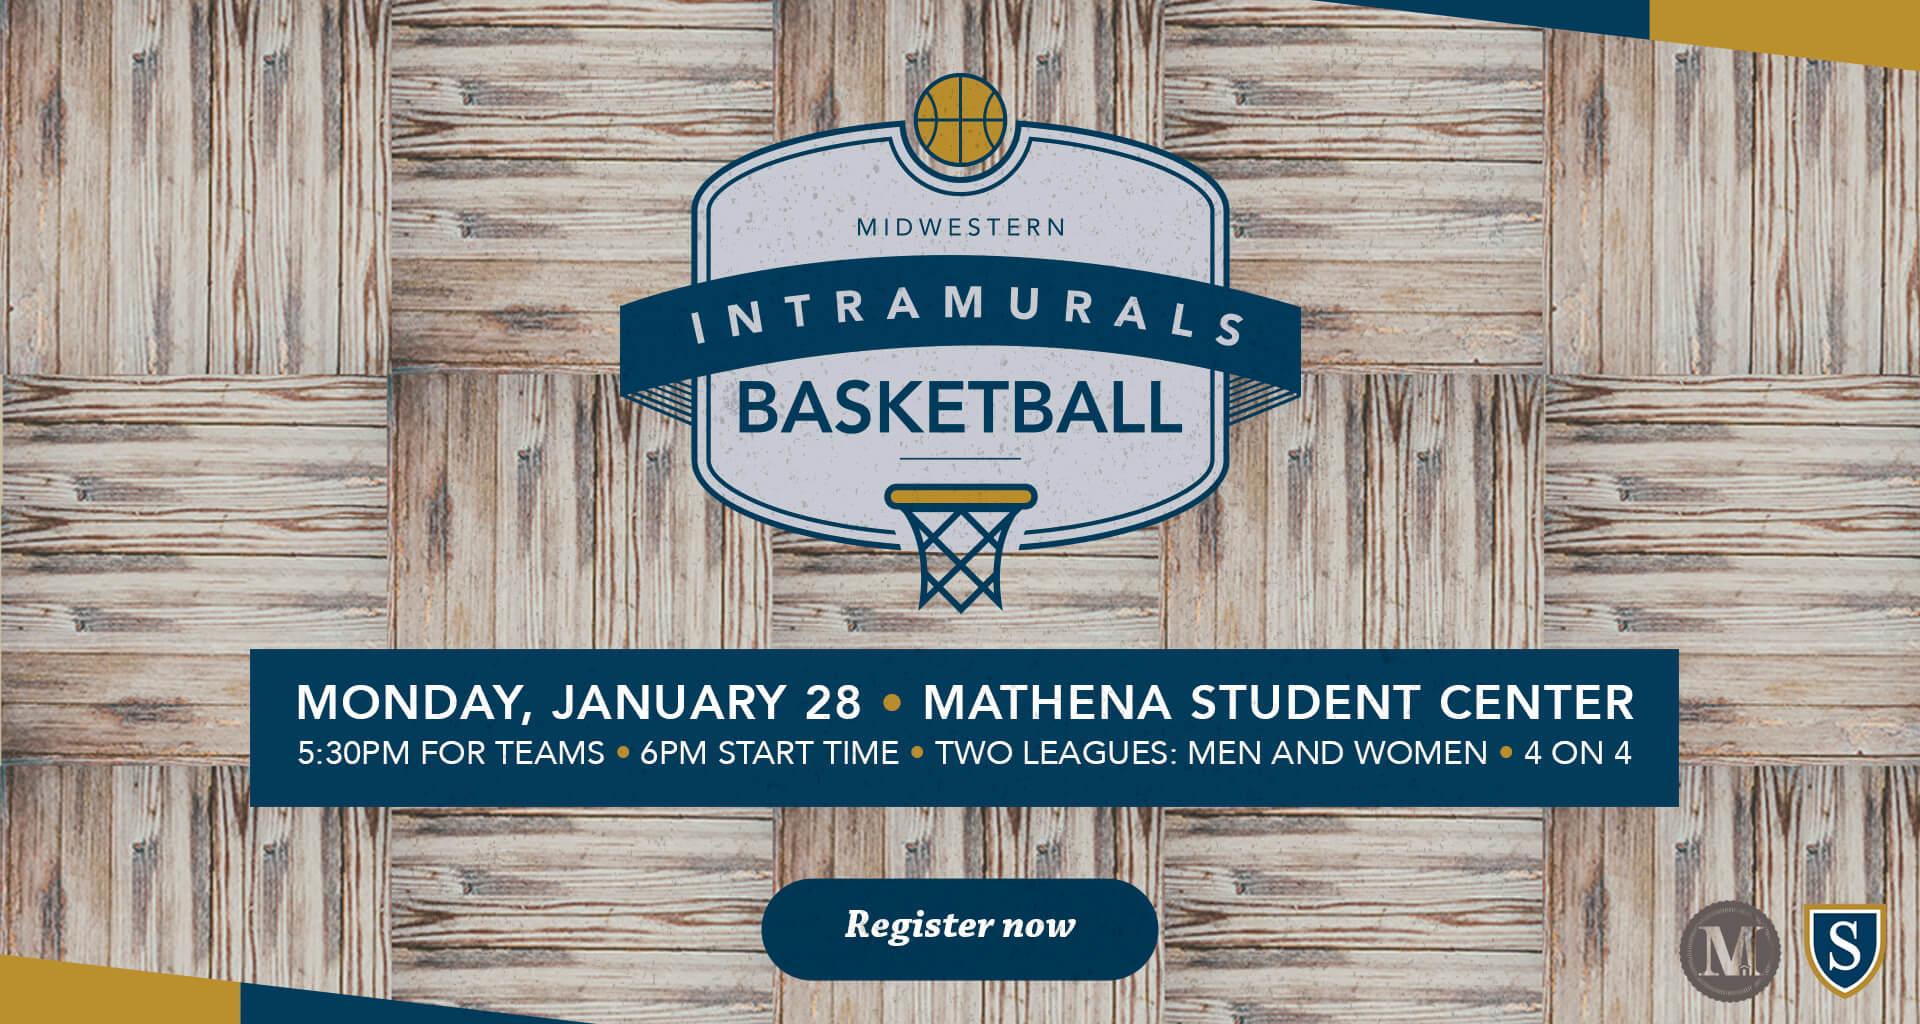 Instramurals: Basketball